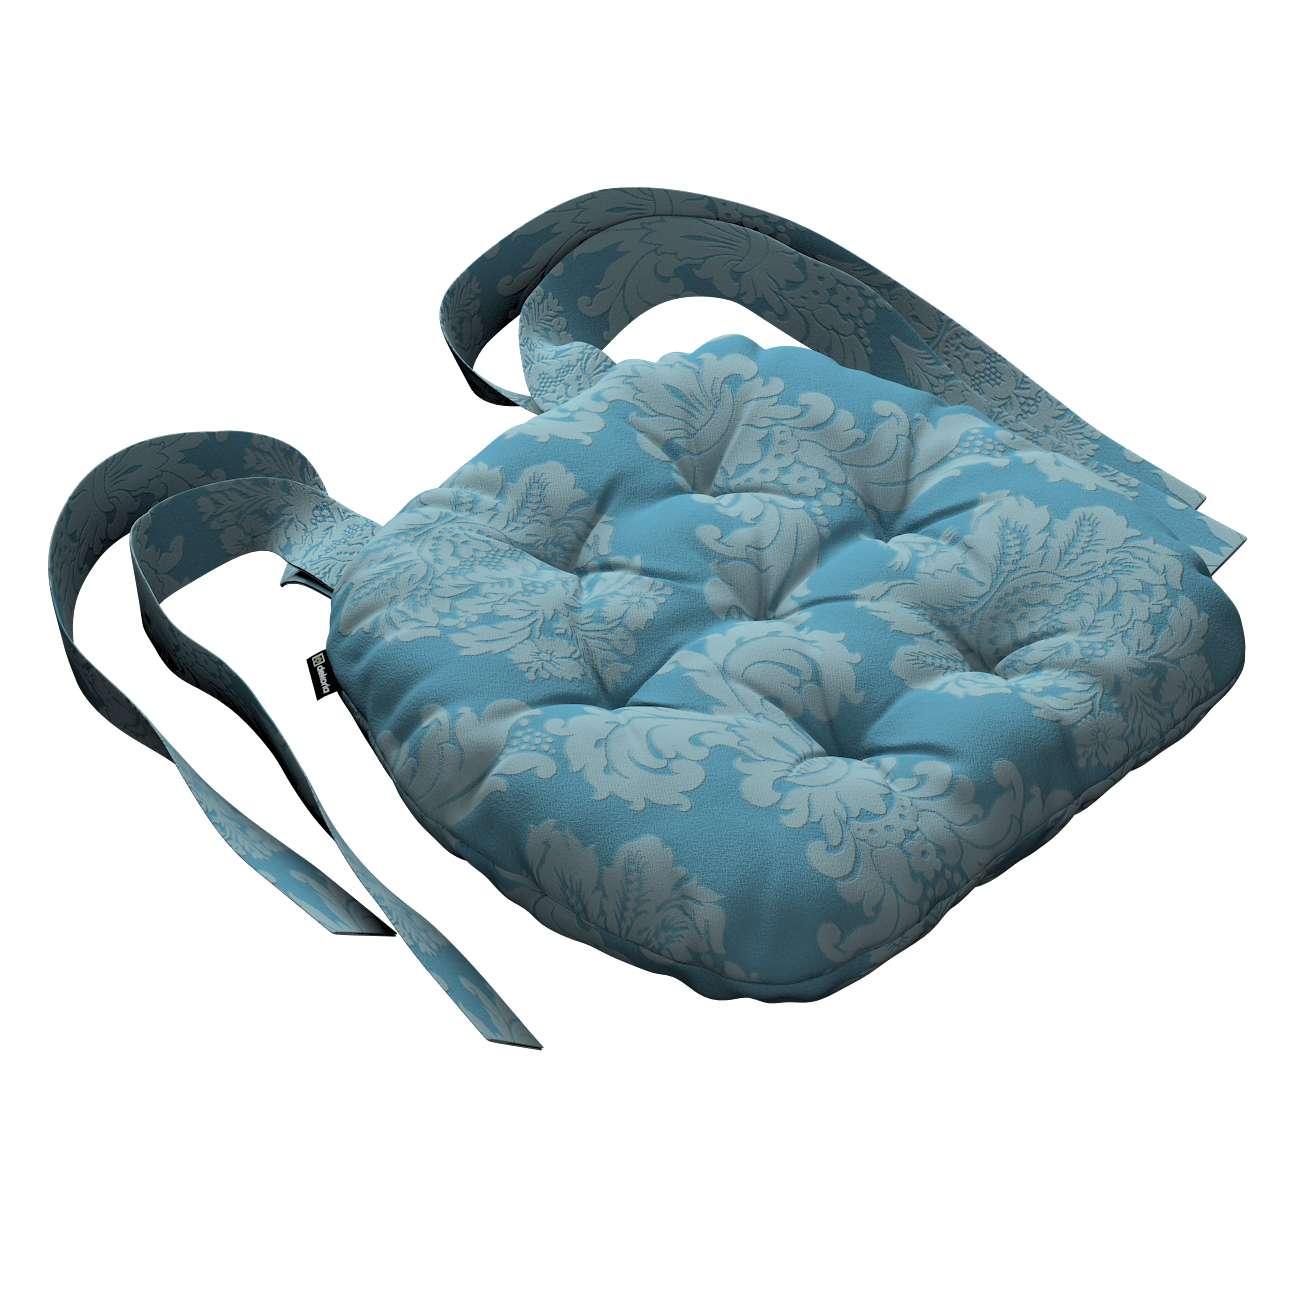 Kėdės pagalvėlė Marcin (apvaliais kraštais) 40 x 37 x 8 cm kolekcijoje Damasco, audinys: 613-67